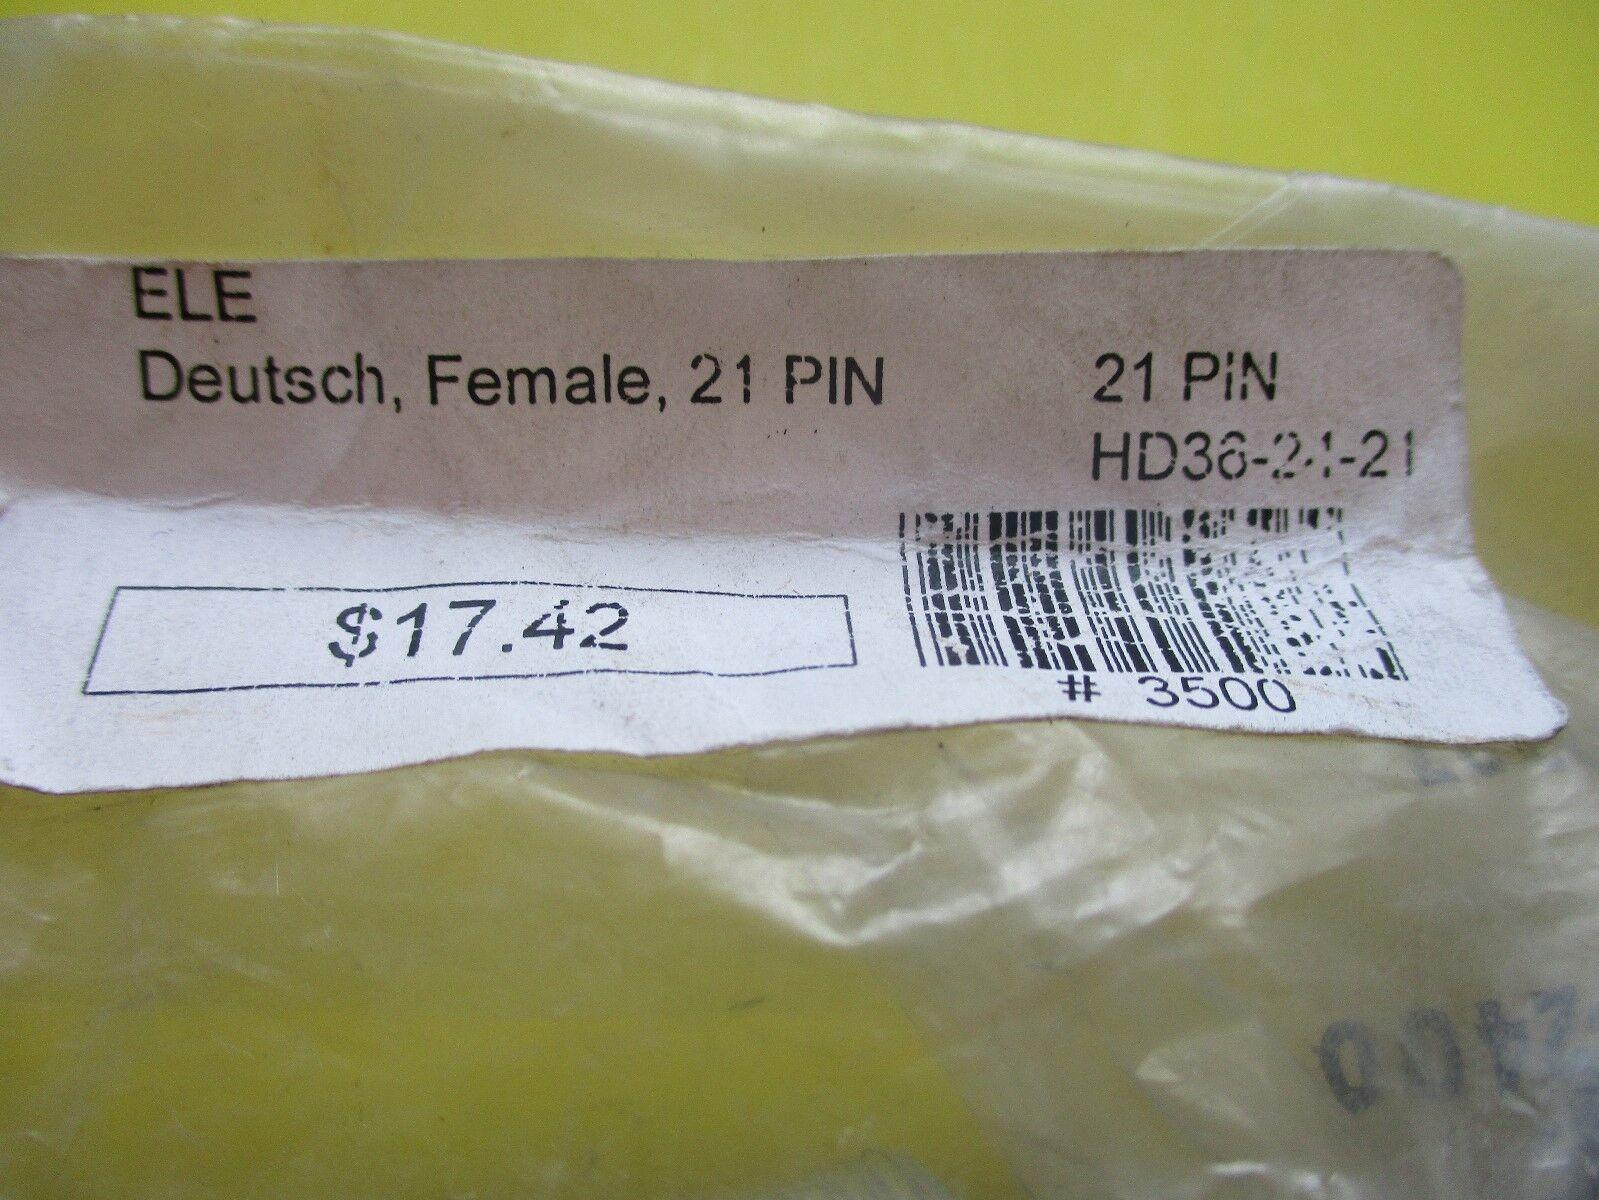 21 Pin Cummins 3824824 Shell 24 HD36-24-21SN DEUTSCH HD30 Series Connector